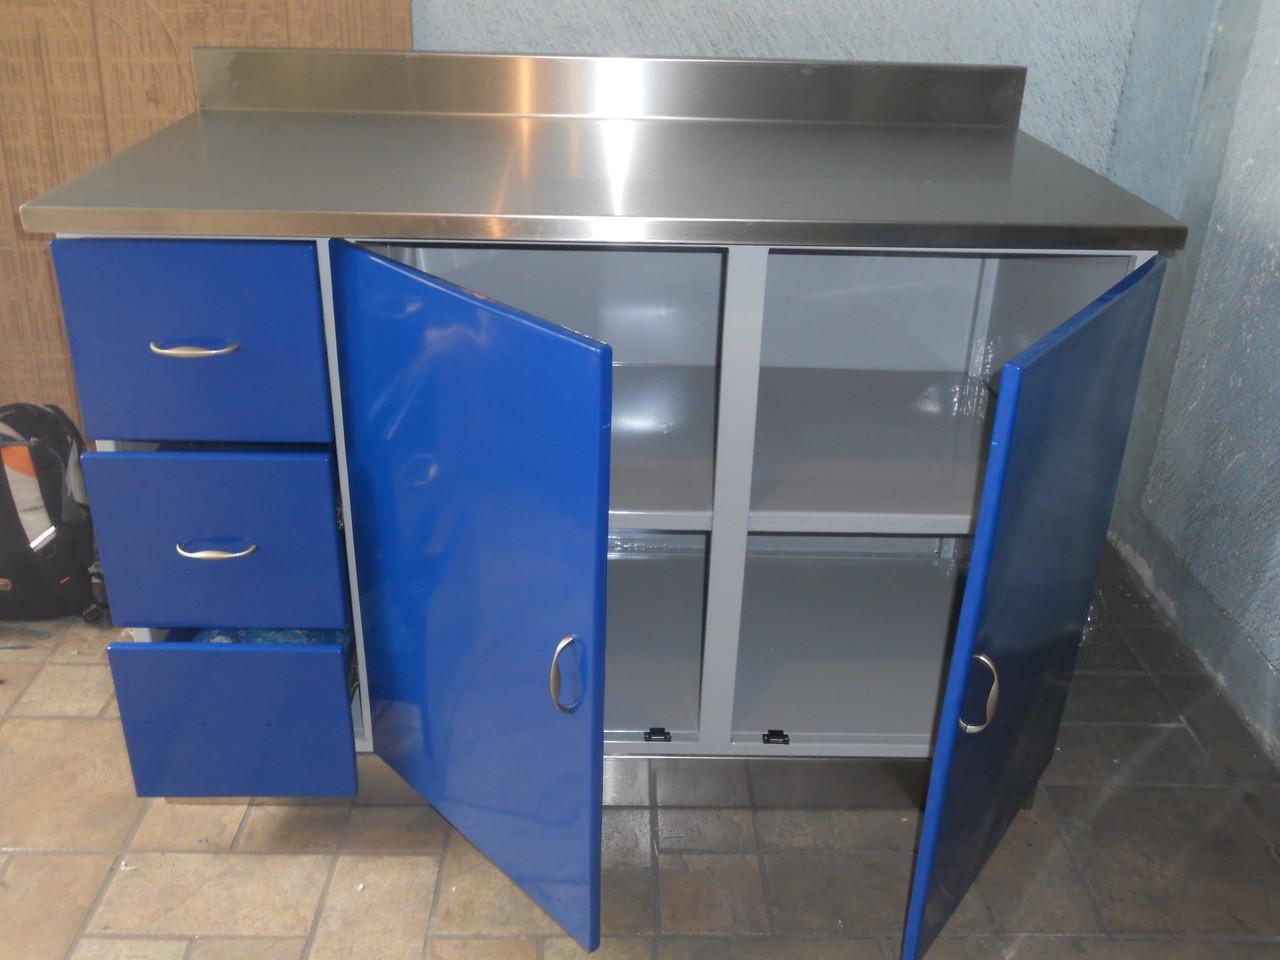 Mesa de laboratorio p gina web de inoxidablesbolon for Laboratorio con alloggi